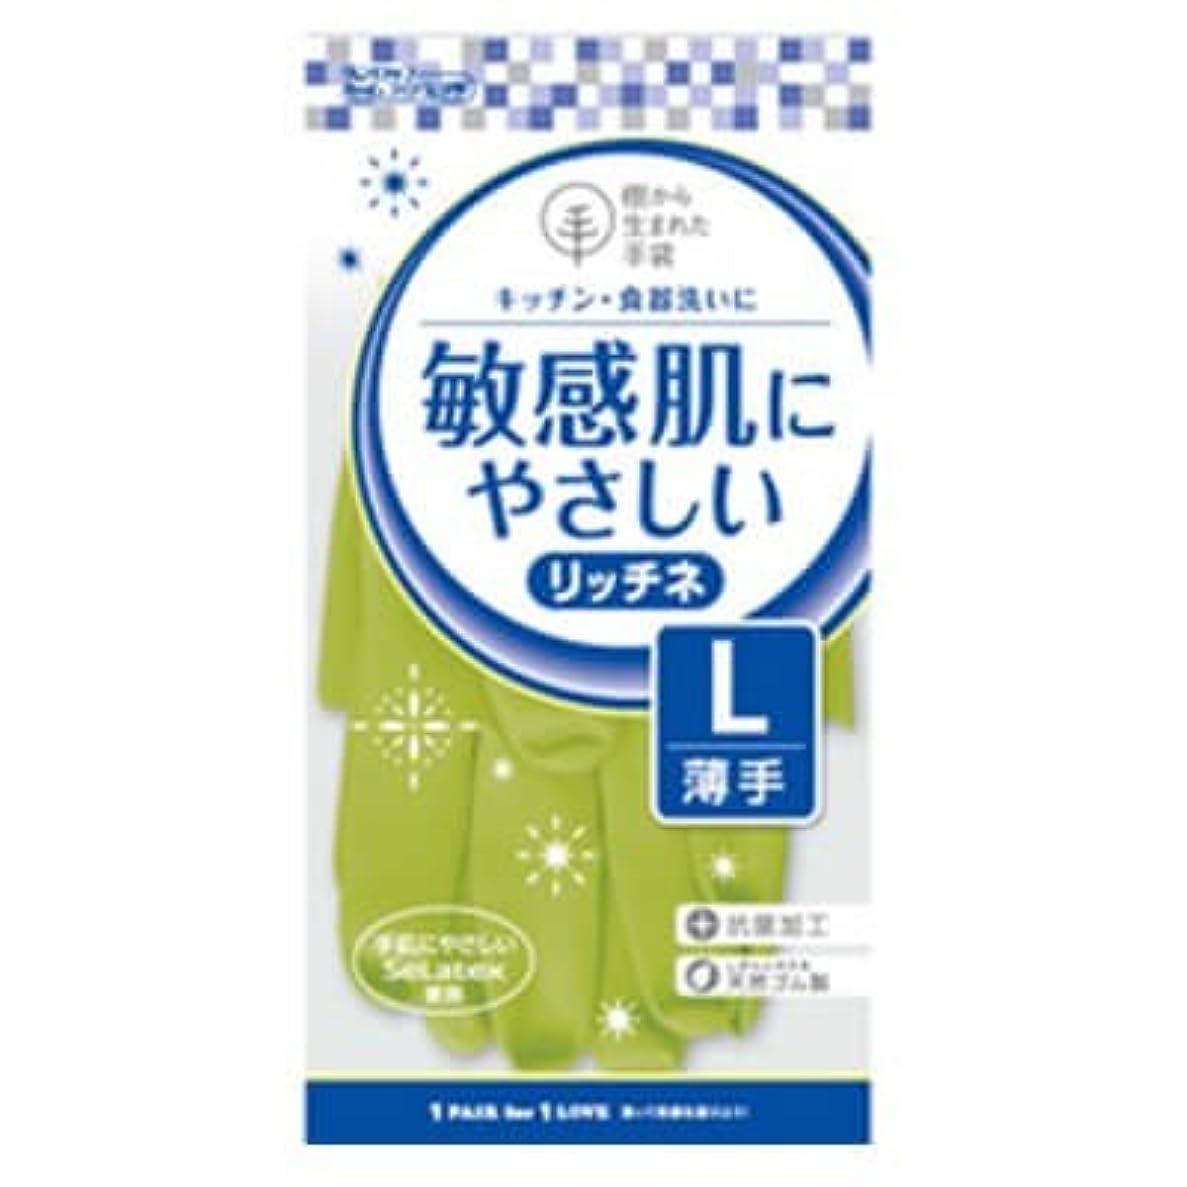 繊維勇敢な全能【ケース販売】 ダンロップ 敏感肌にやさしい リッチネ 薄手 L グリーン (10双×24袋)